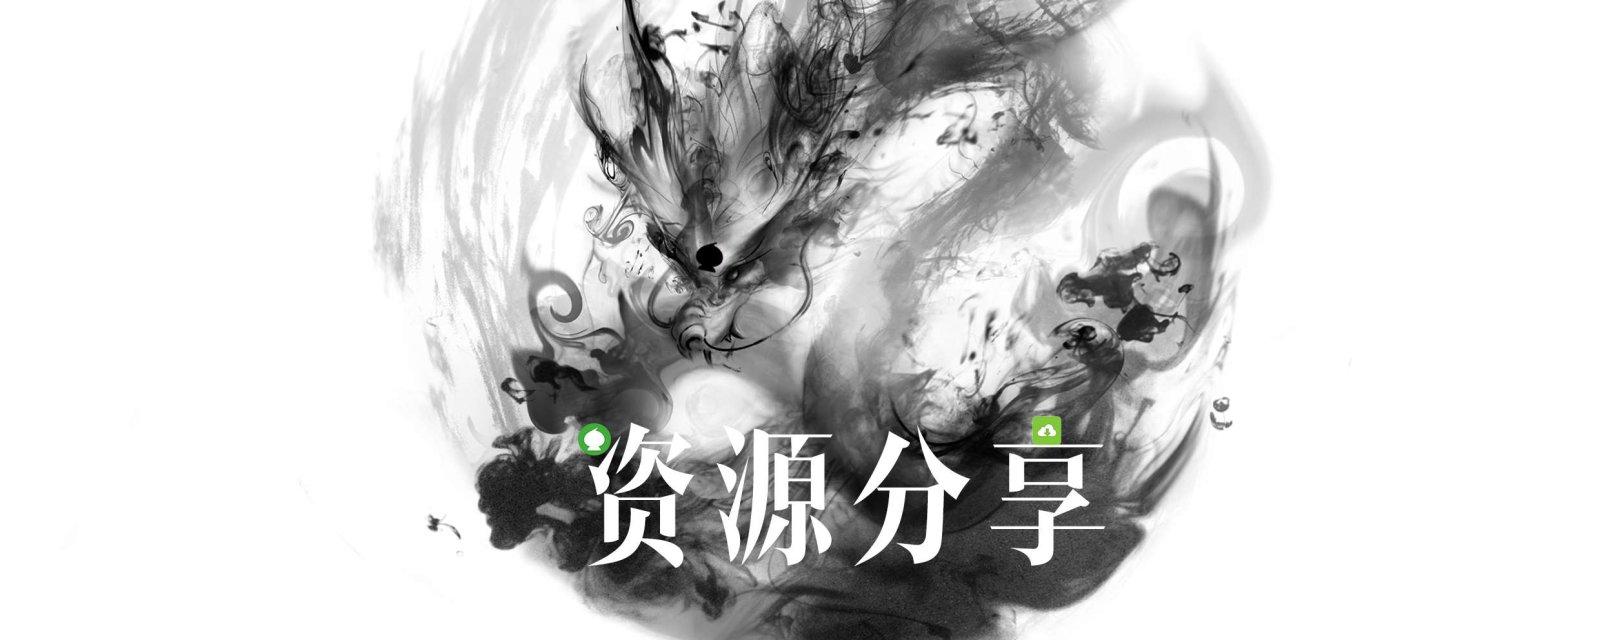 【资源分享】绿茶浏览器